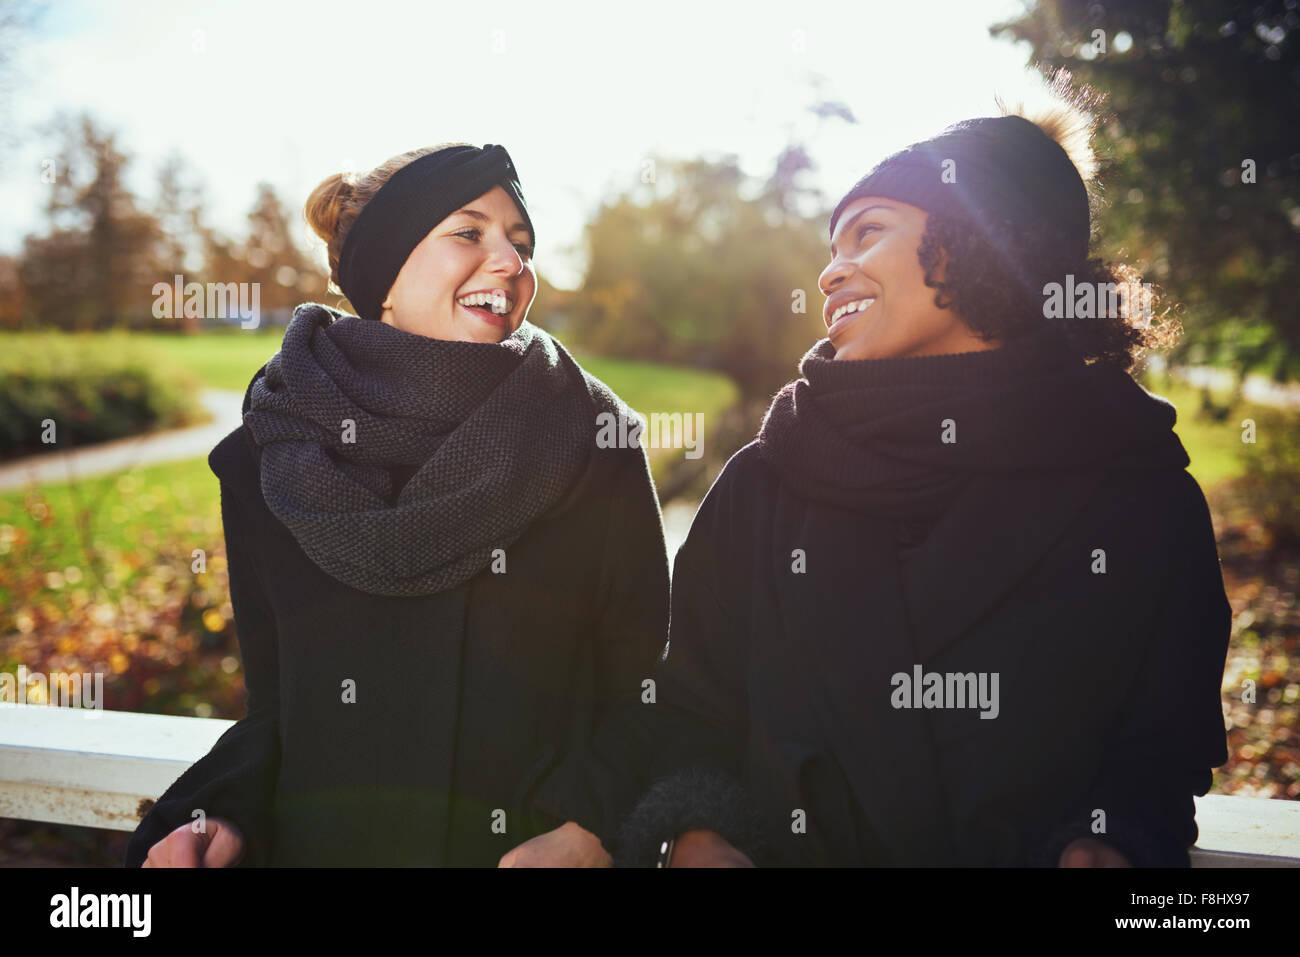 Deux femmes dans des vêtements chauds debout sur le pont dans le parc et smiling at each other Photo Stock